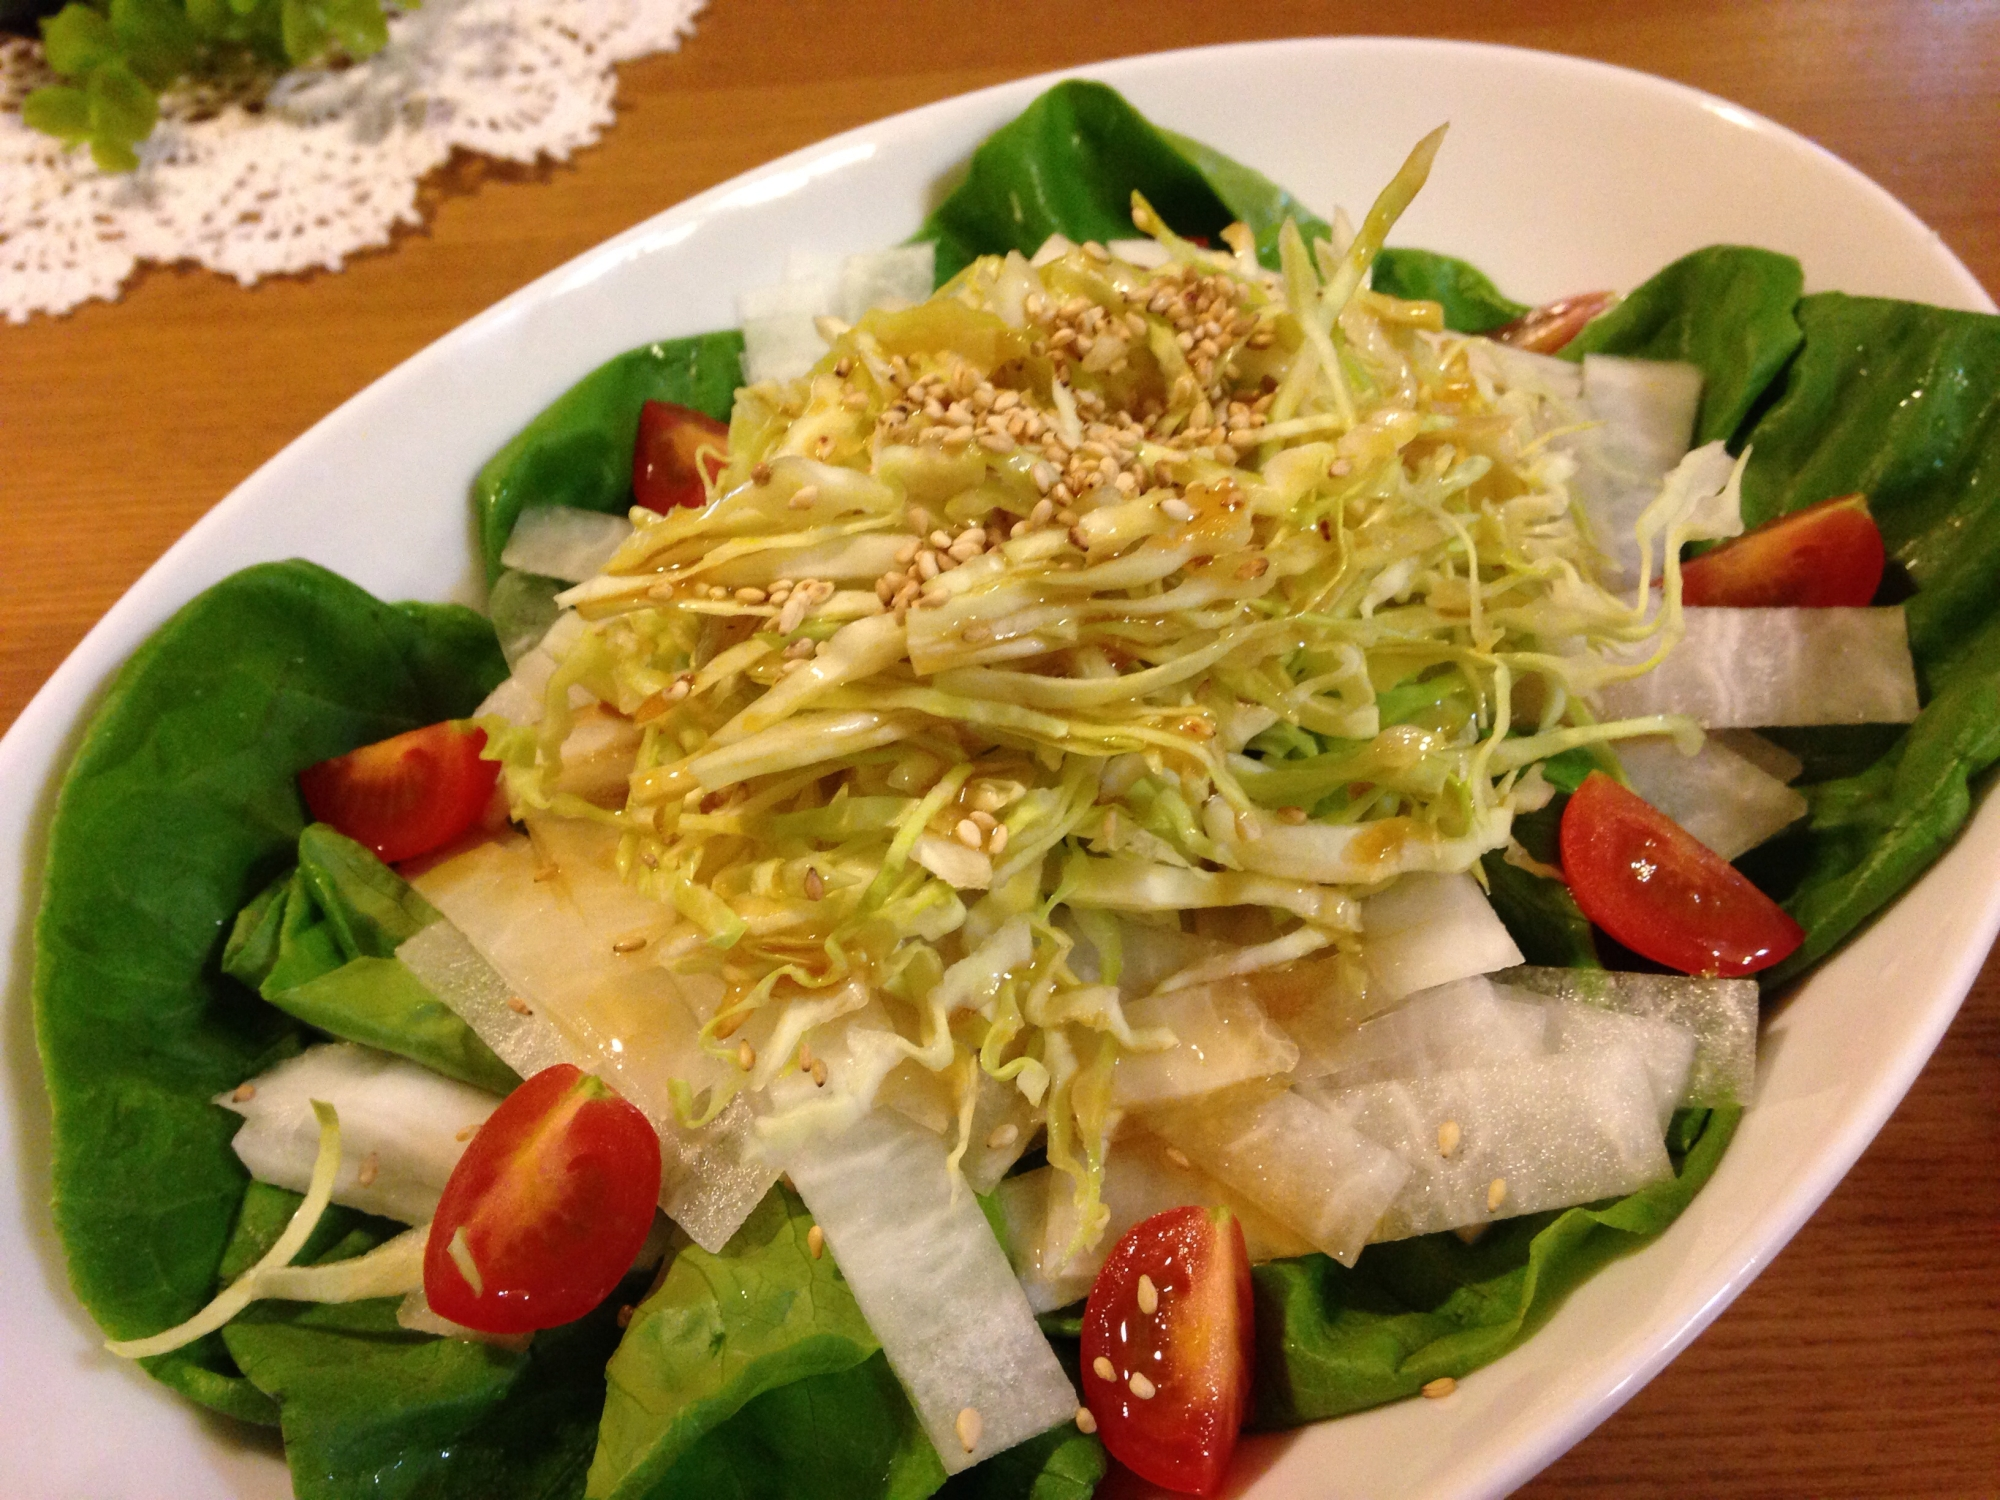 サラダ菜のシャキシャキサラダ